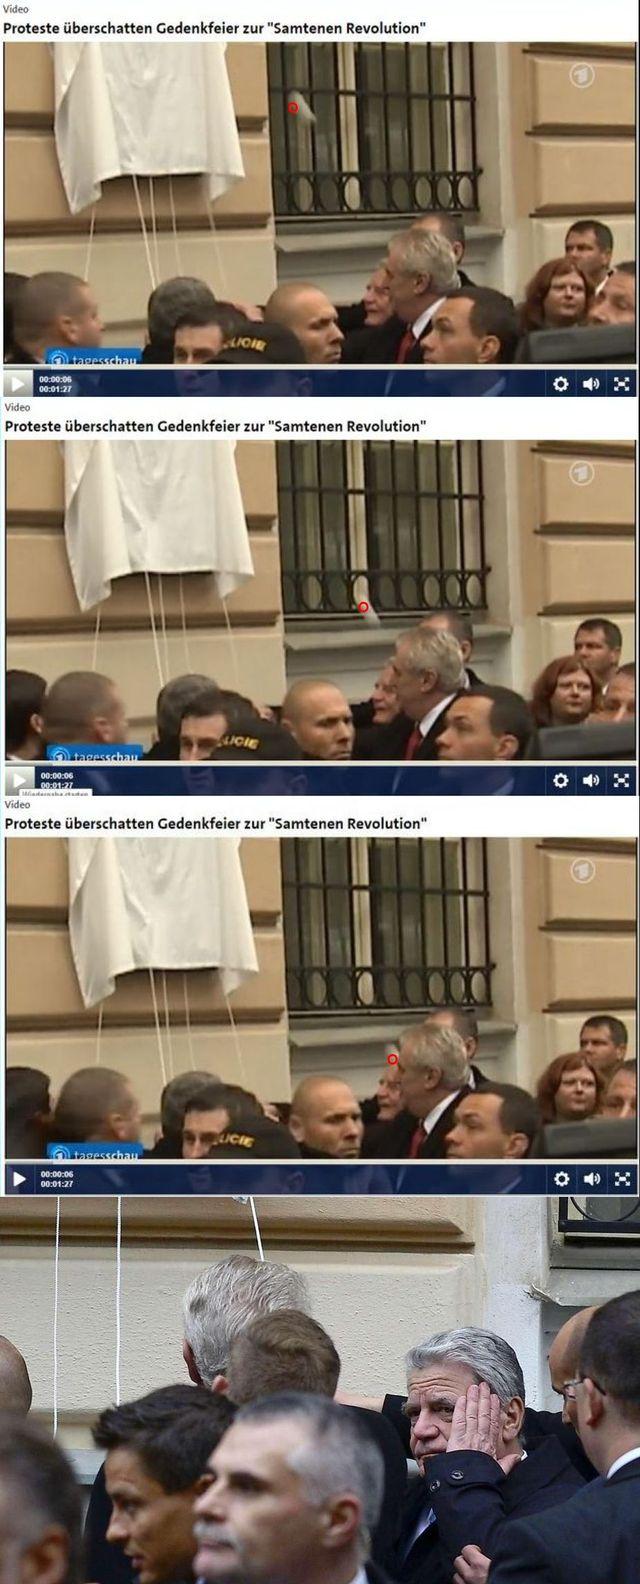 Albertov 17.11.2014, vejce trefilo německého przidenta Gaucka